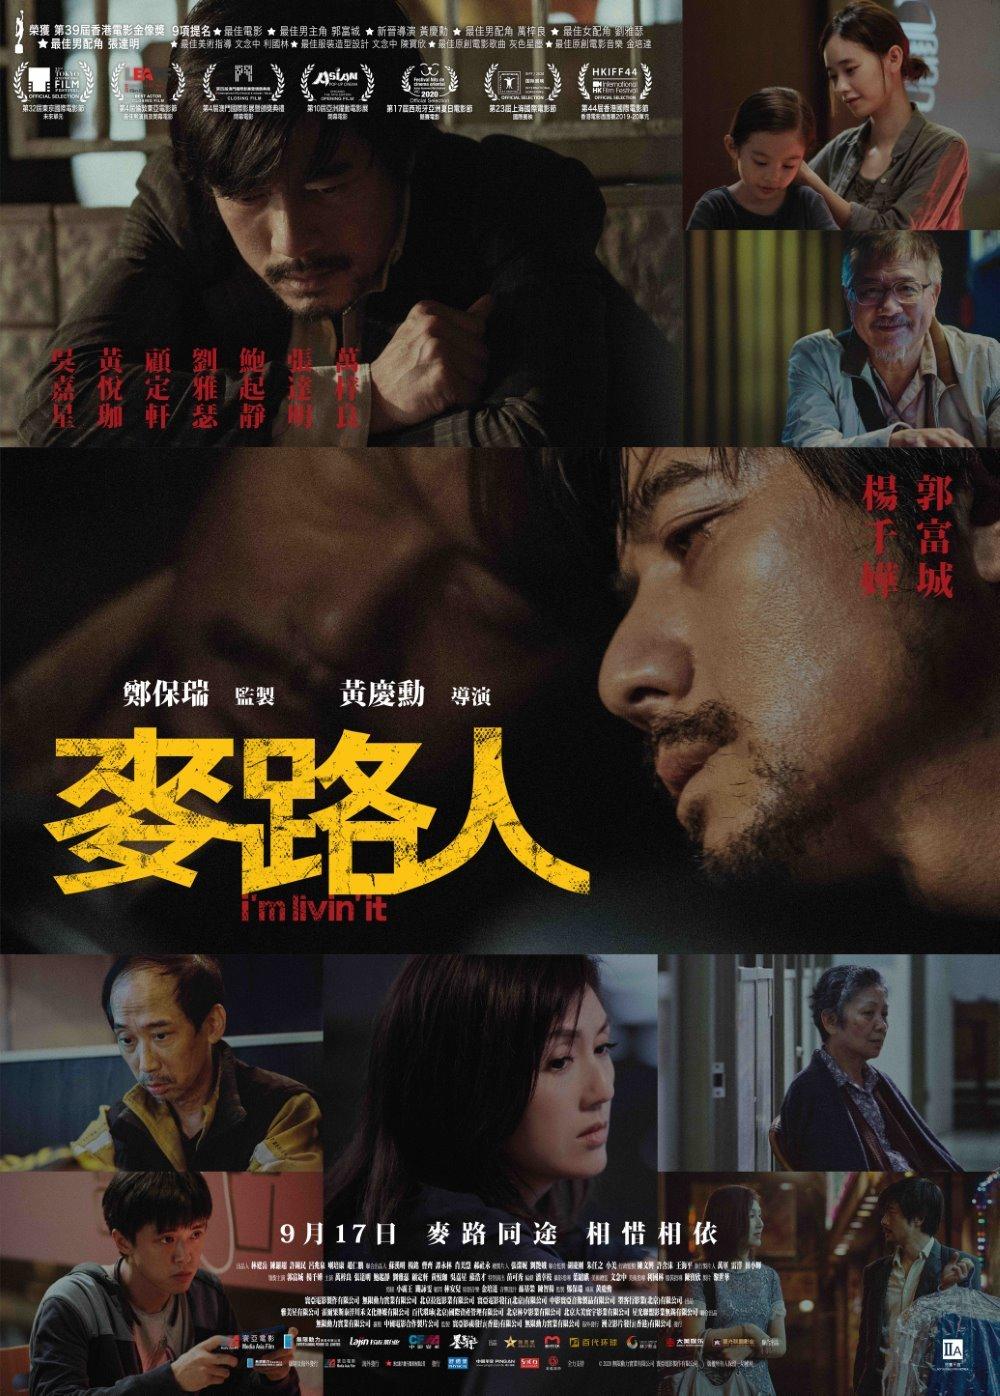 麥路人 - 香港電影資料上映時間及預告 - WMOOV